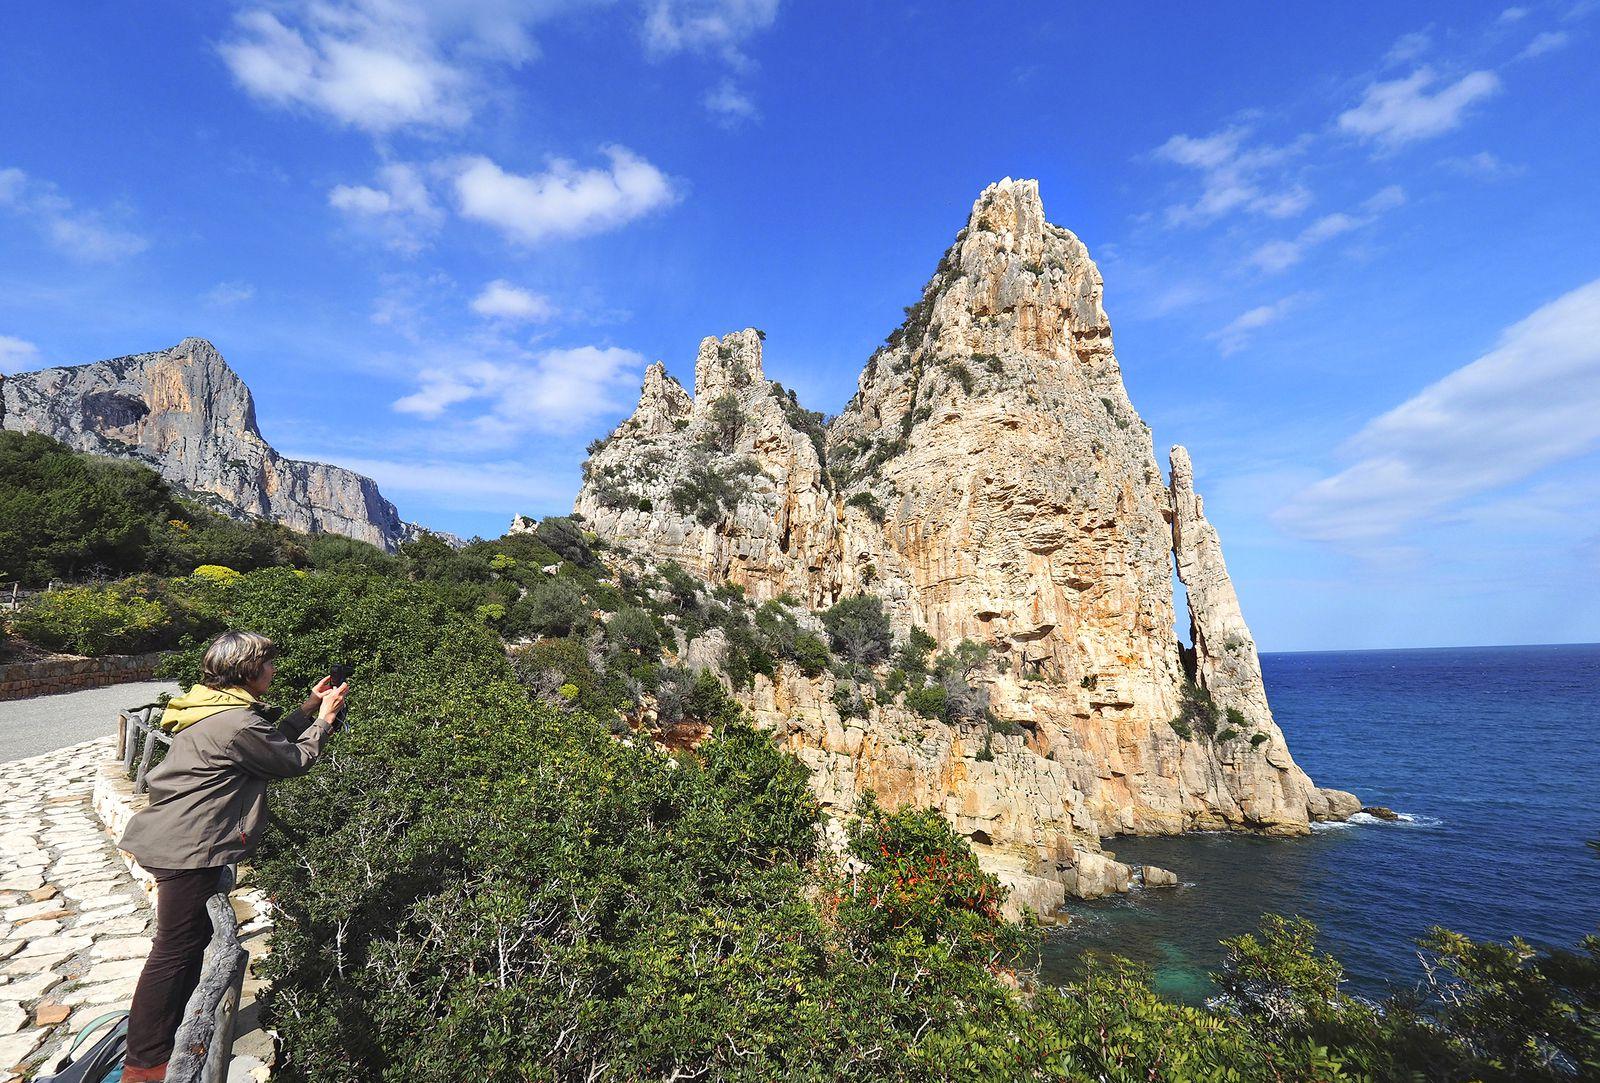 Pedra Longa : la pierre longue qui marque le départ officiel du périple.